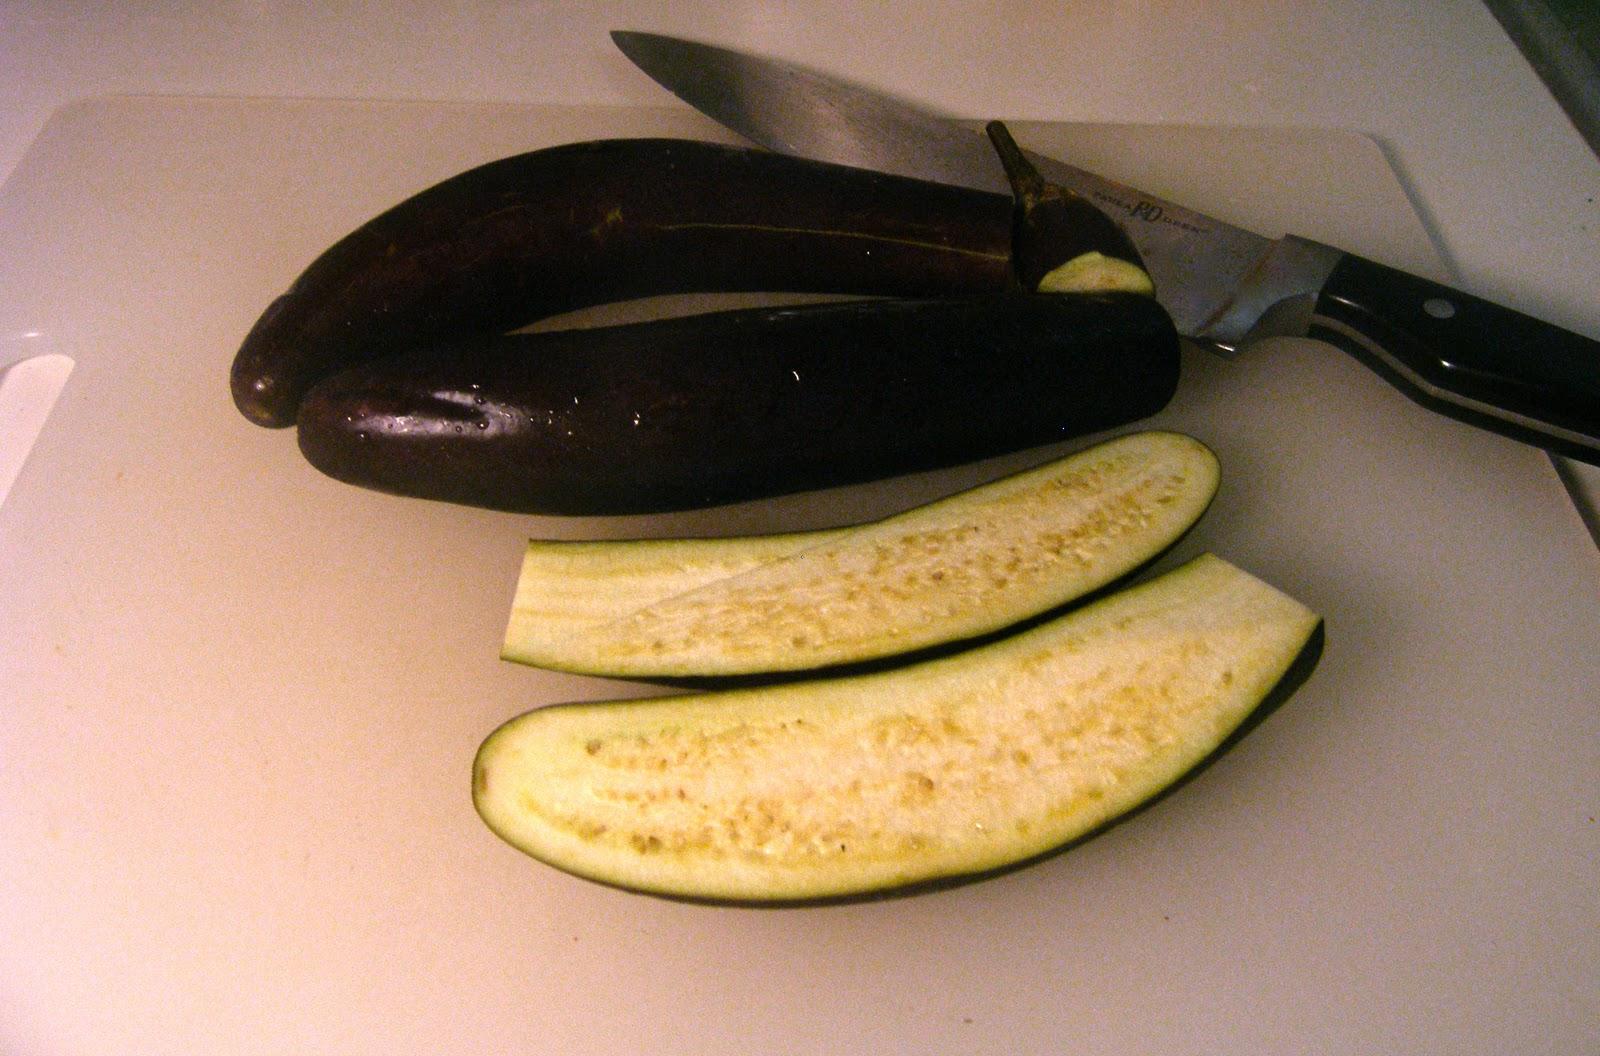 http://1.bp.blogspot.com/-WbKwMUUCR4M/TZlN_zc2PlI/AAAAAAAAABs/1g6NdNn4rLs/s1600/RBEL+eggplant.jpg